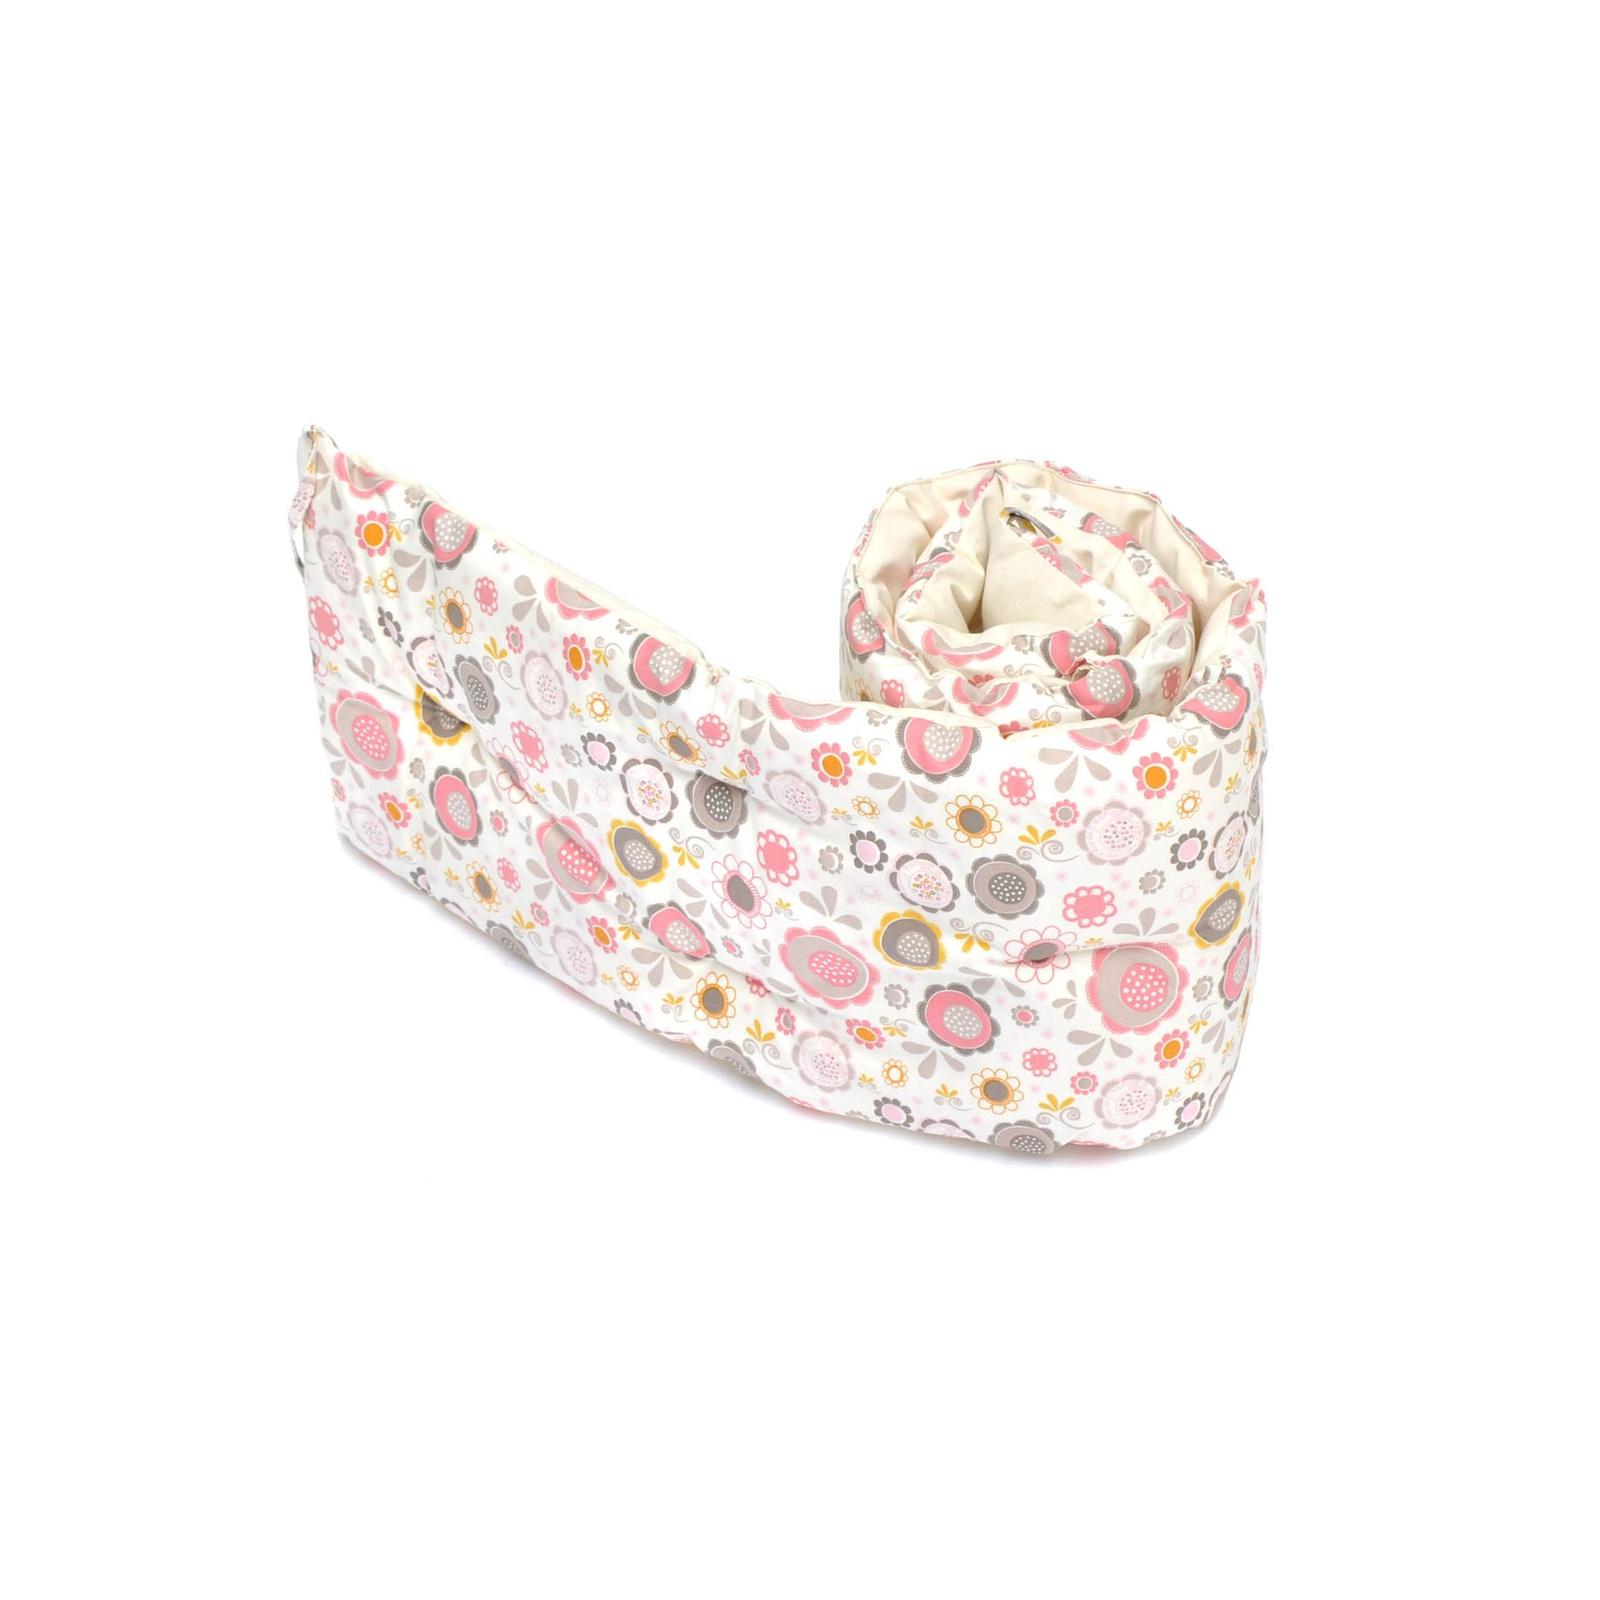 Бортики-подушки в кроватку HoneyMammy Small Pink Bubbles SB-PB-40, разноцветный, 180 х 25 смSB-PB-40Бортики-подушки в детскую кроватку (длина 180 см, высота 25 см) от компании HoneyMammy сделаны из качественного европейского хлопка в сочетании с воздушным наполнителем - шариками hollowfiber. Его внутренняя часть, которая может соприкасаться с нежной кожей малыша, выполнена из неокрашеного 100% хлопка для того, чтобы при контакте с кожей не вызывать негативных реакций, таких как аллергия или кожные раздражения. Для наружной части бортика используется 100% хлопок европейского производства с детскими принтами, которые не смогут не понравиться вам или вашему малышу. Важной деталью данного аксессуара является внутренний наполнитель – hollowfiber, обладающий рядом полезных свойств: он хорошо проветривается, не имеет запаха, не скатывается и не усаживается после стирки.